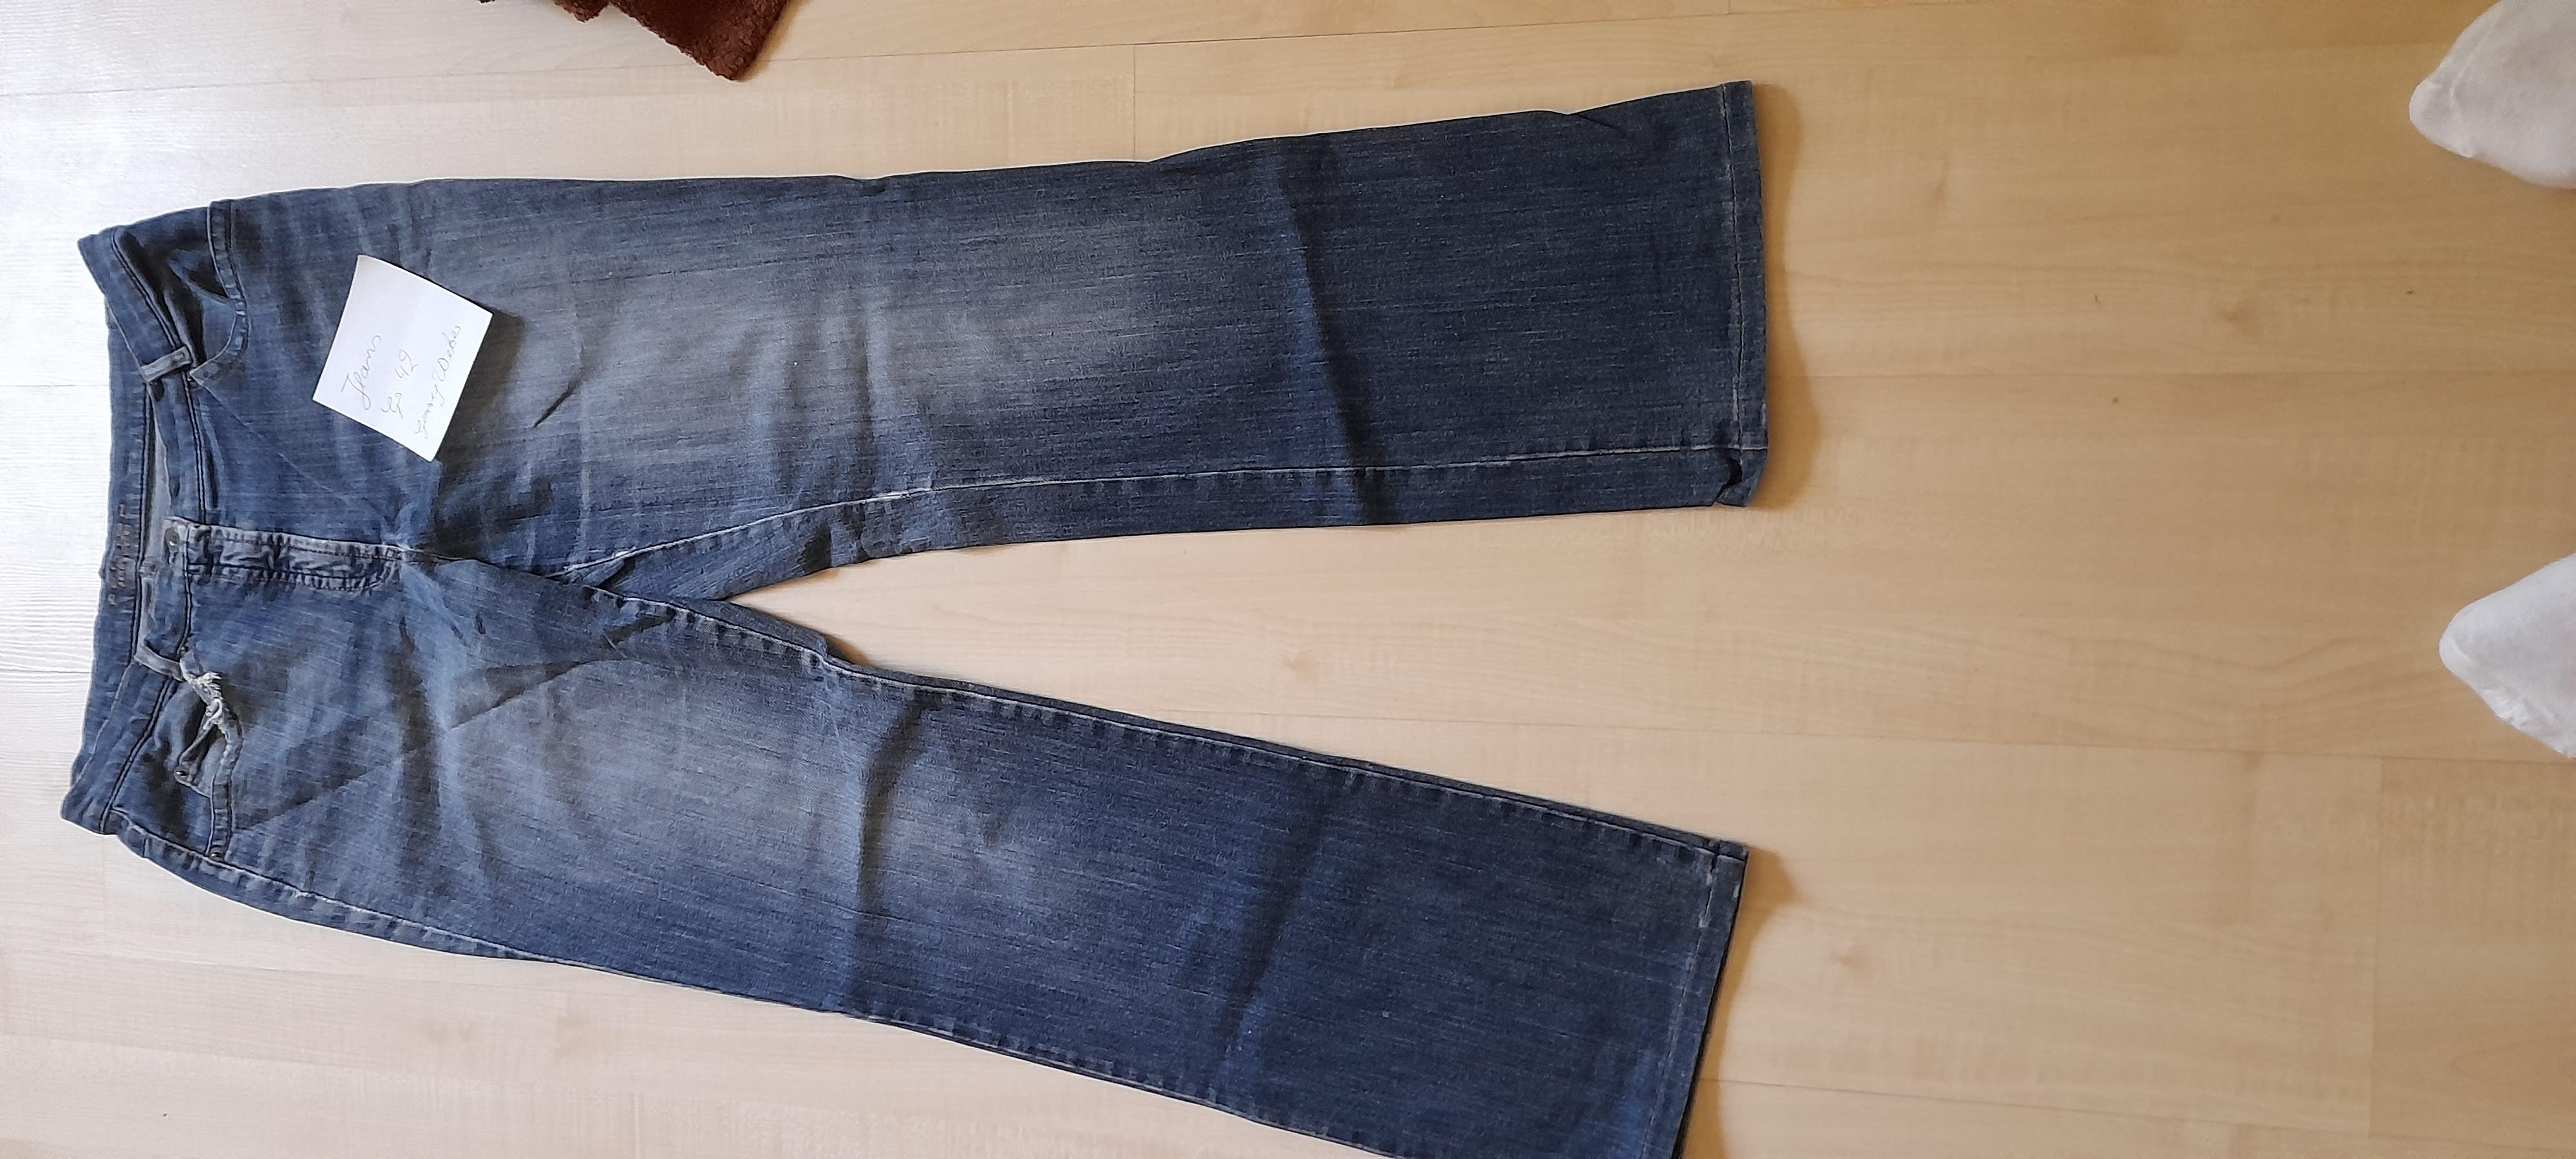 Jeans von Gerry Weber, Gr 42 tauschen